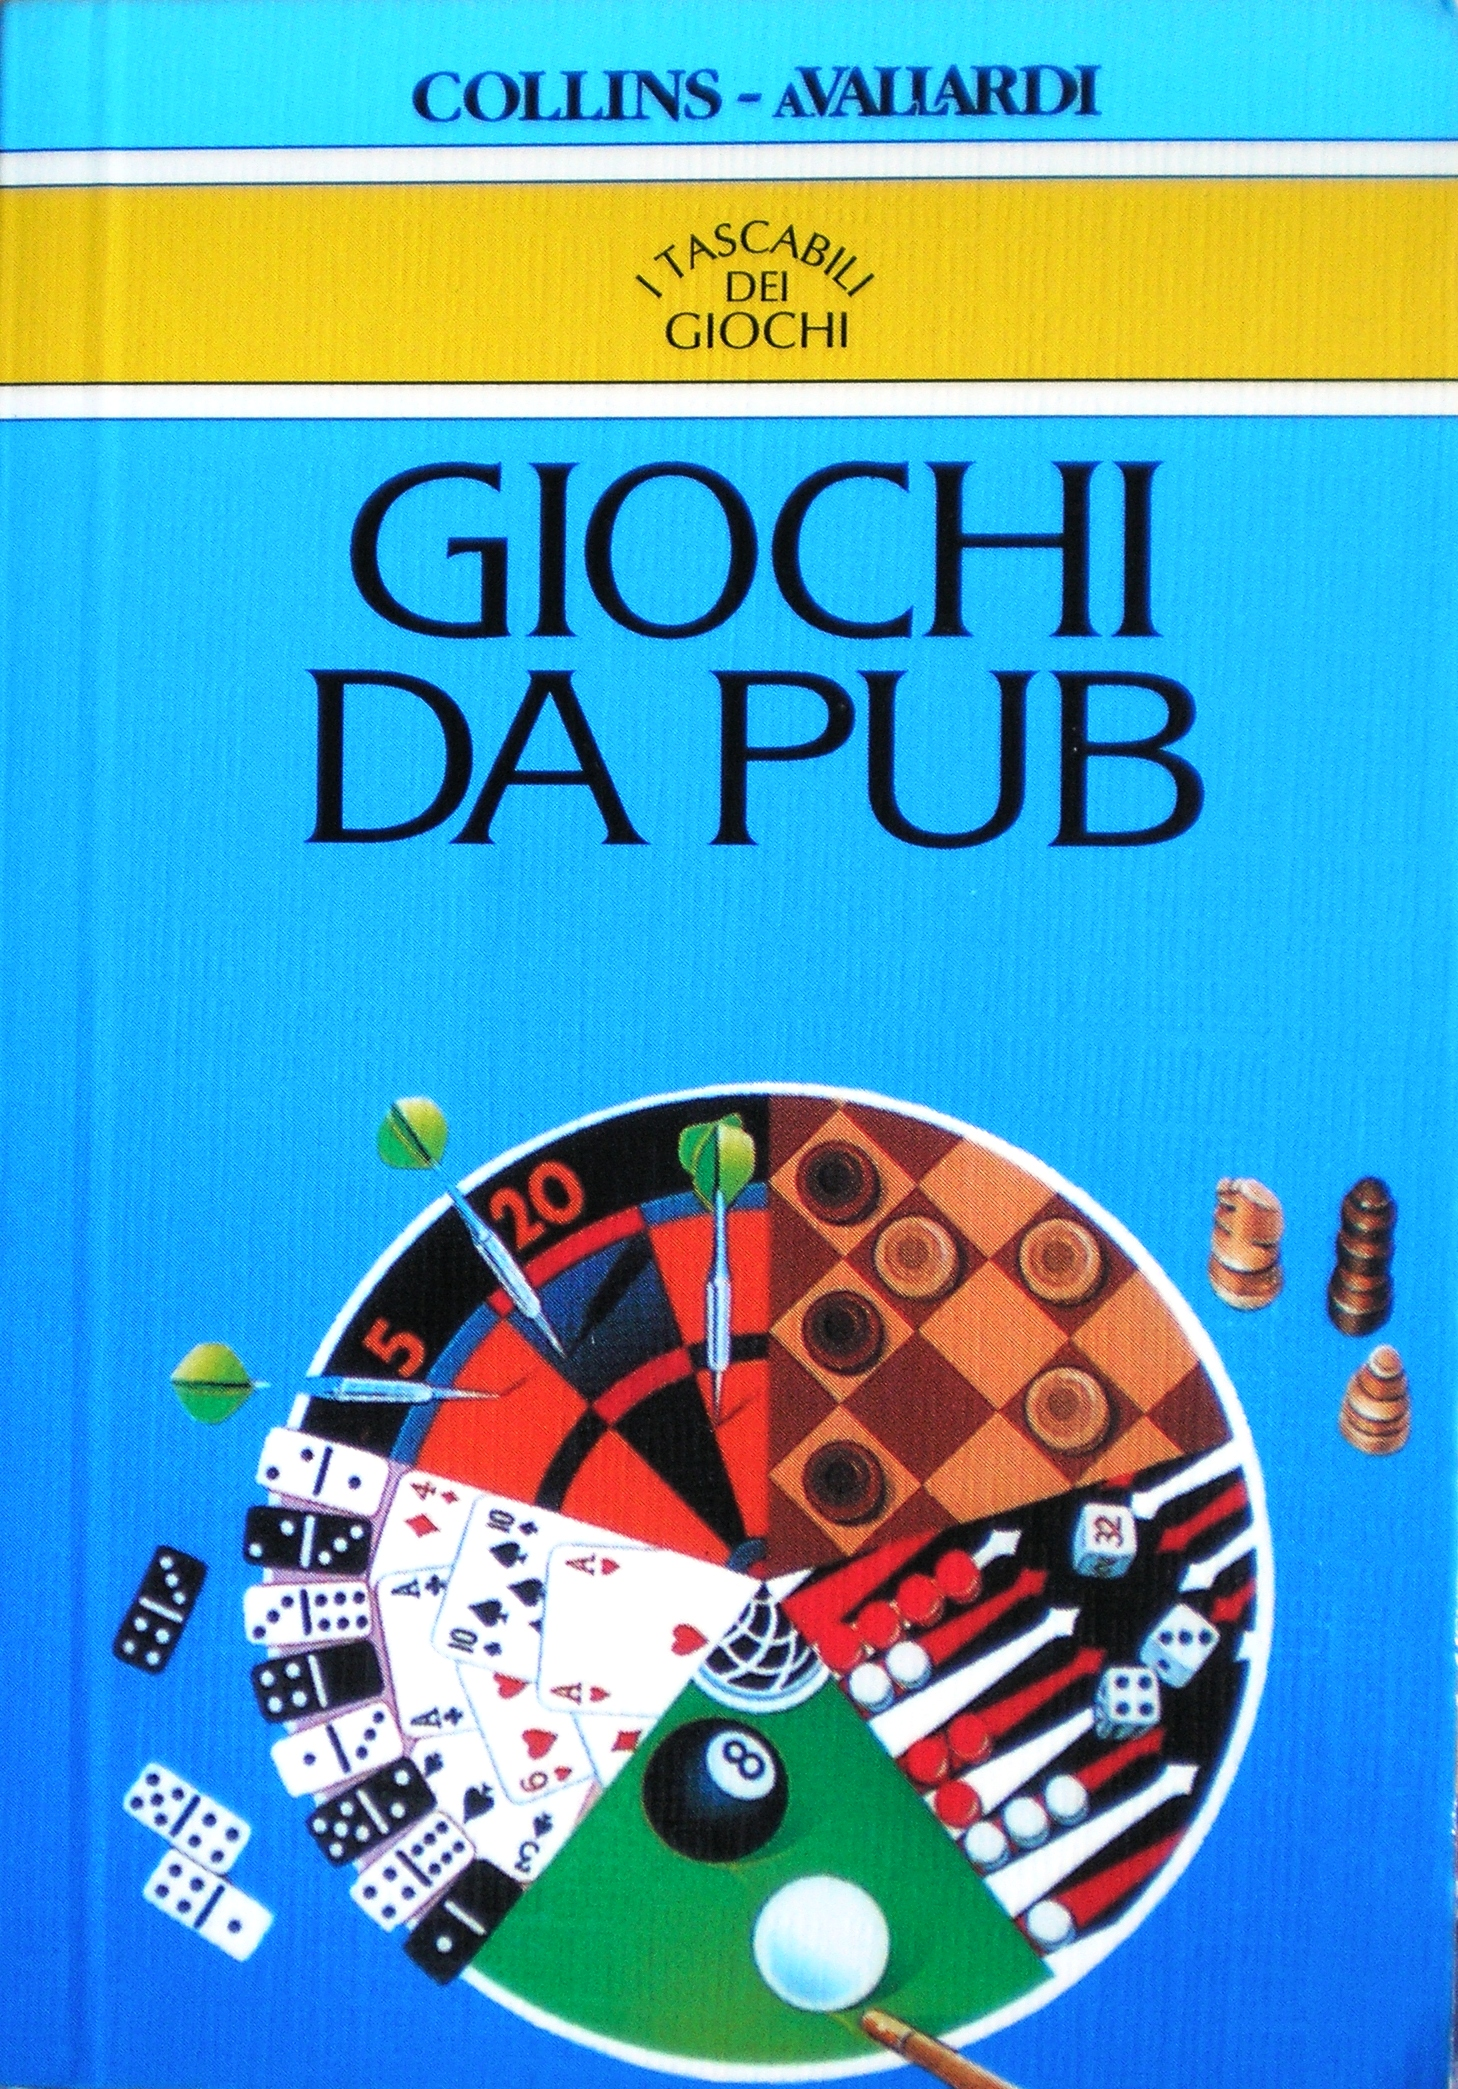 Giochi da pub